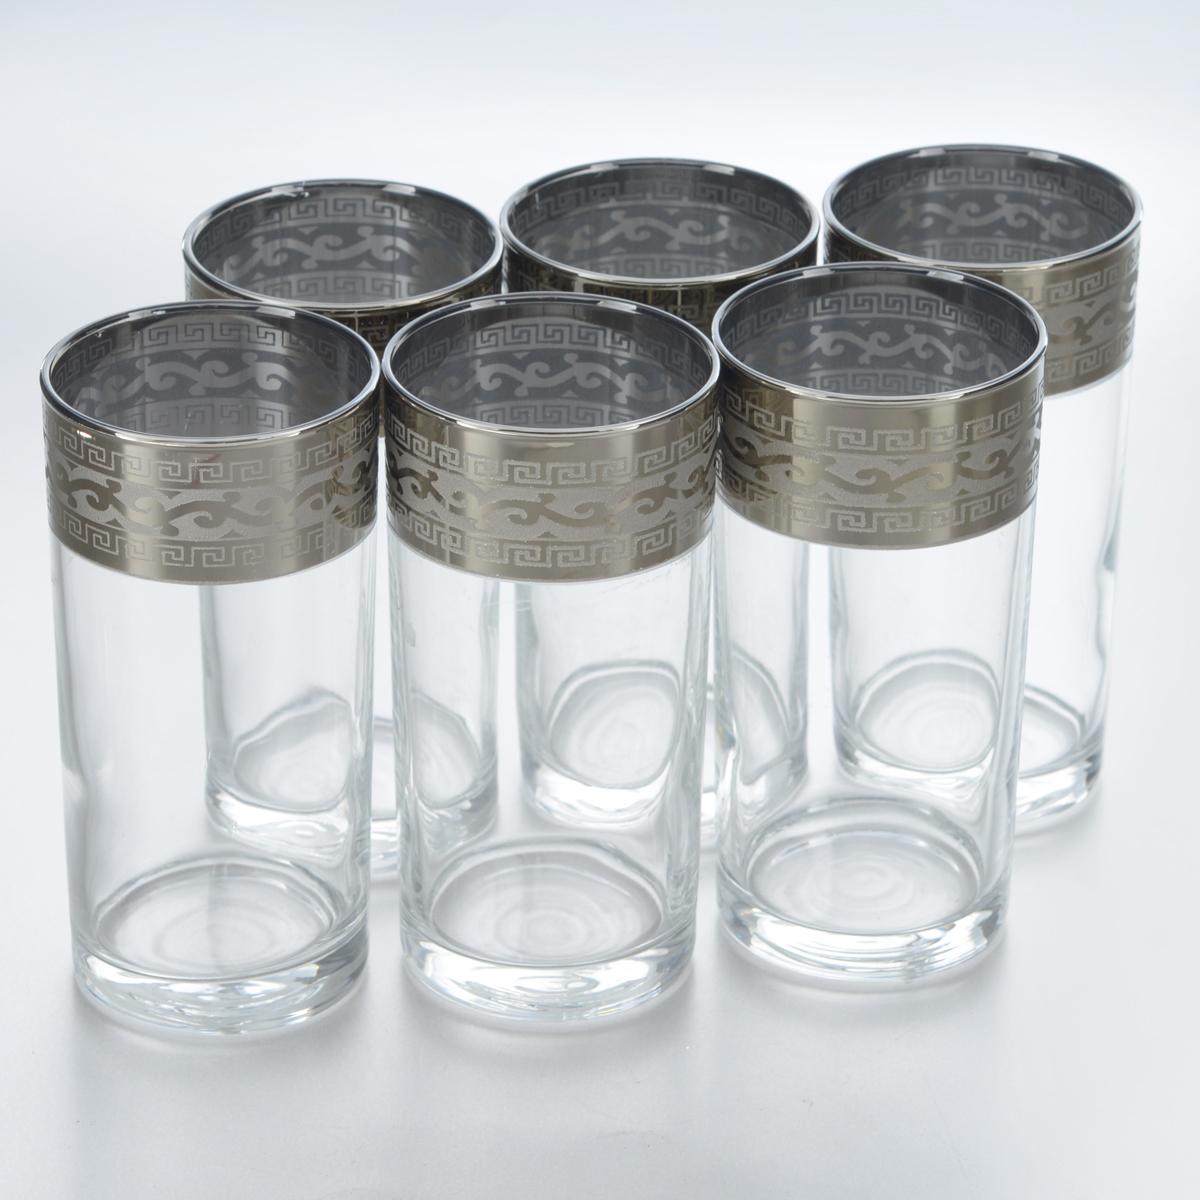 Набор стаканов для сока Гусь-Хрустальный Версаче, 290 мл, 6 штGE08-402Набор Гусь-Хрустальный Версаче состоит из 6 высоких стаканов, изготовленных из высококачественного натрий-кальций-силикатного стекла. Изделия оформлены красивым зеркальным покрытием и широкой окантовкой с оригинальным узором. Стаканы предназначены для подачи сока, а также воды и коктейлей. Такой набор прекрасно дополнит праздничный стол и станет желанным подарком в любом доме. Разрешается мыть в посудомоечной машине. Диаметр стакана (по верхнему краю): 6 см. Высота стакана: 12,8 см. Уважаемые клиенты! Обращаем ваше внимание на незначительные изменения в дизайне товара, допускаемые производителем. Поставка осуществляется в зависимости от наличия на складе.